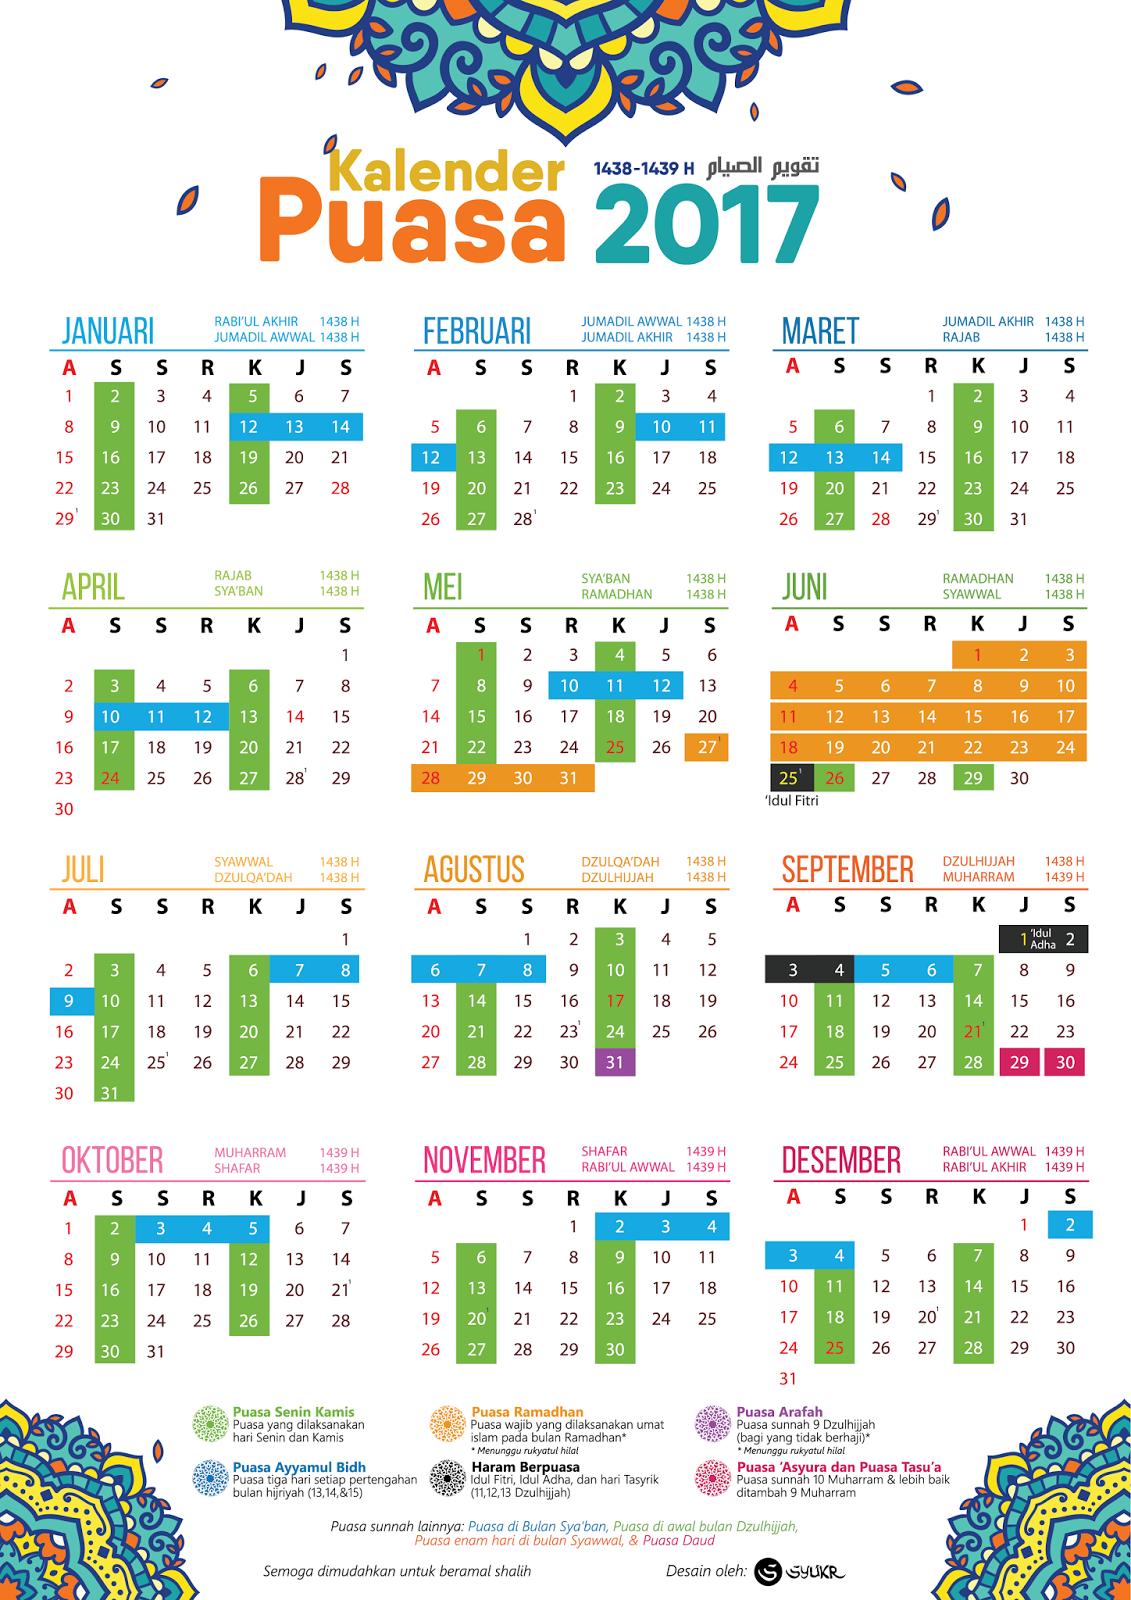 jadual dan tarikh Puasa Sunat Dan Wajib 2017